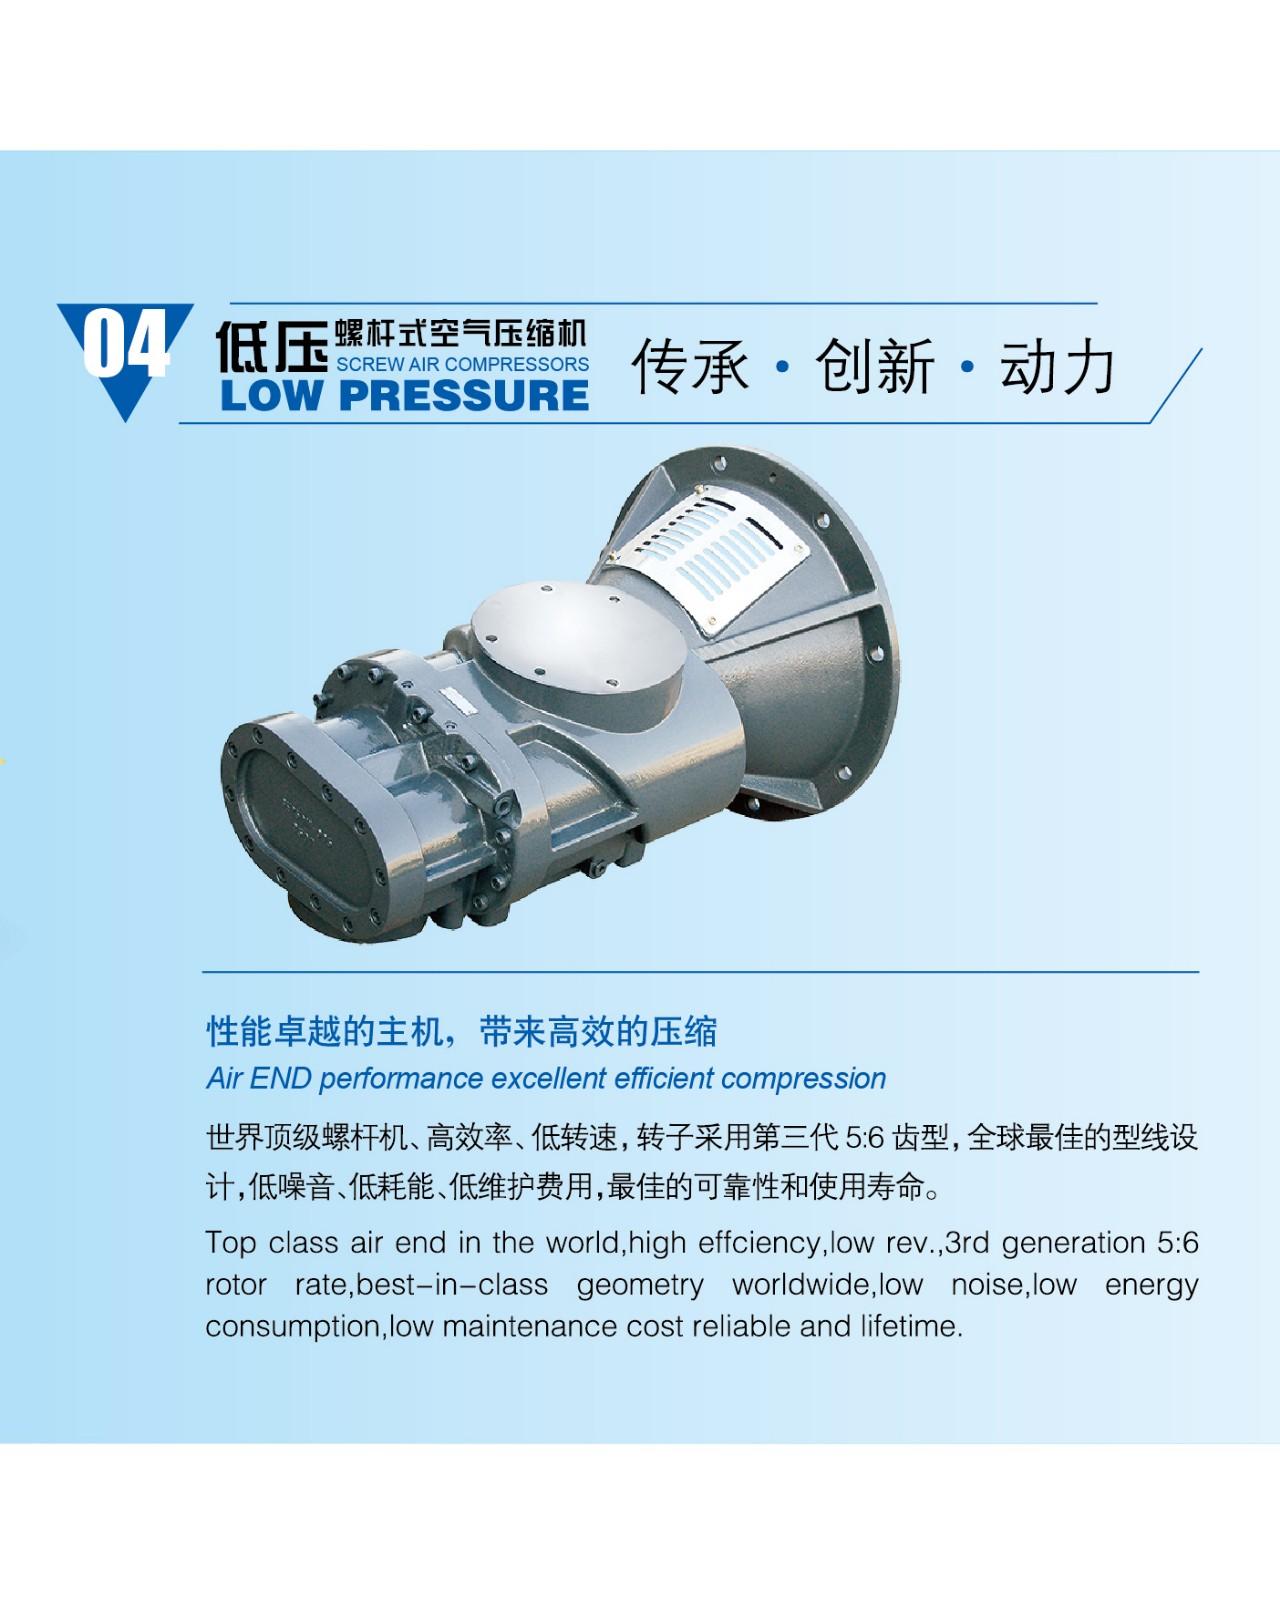 空气压缩机,空气压缩机厂家,空气压缩机价格,空气压缩机供应